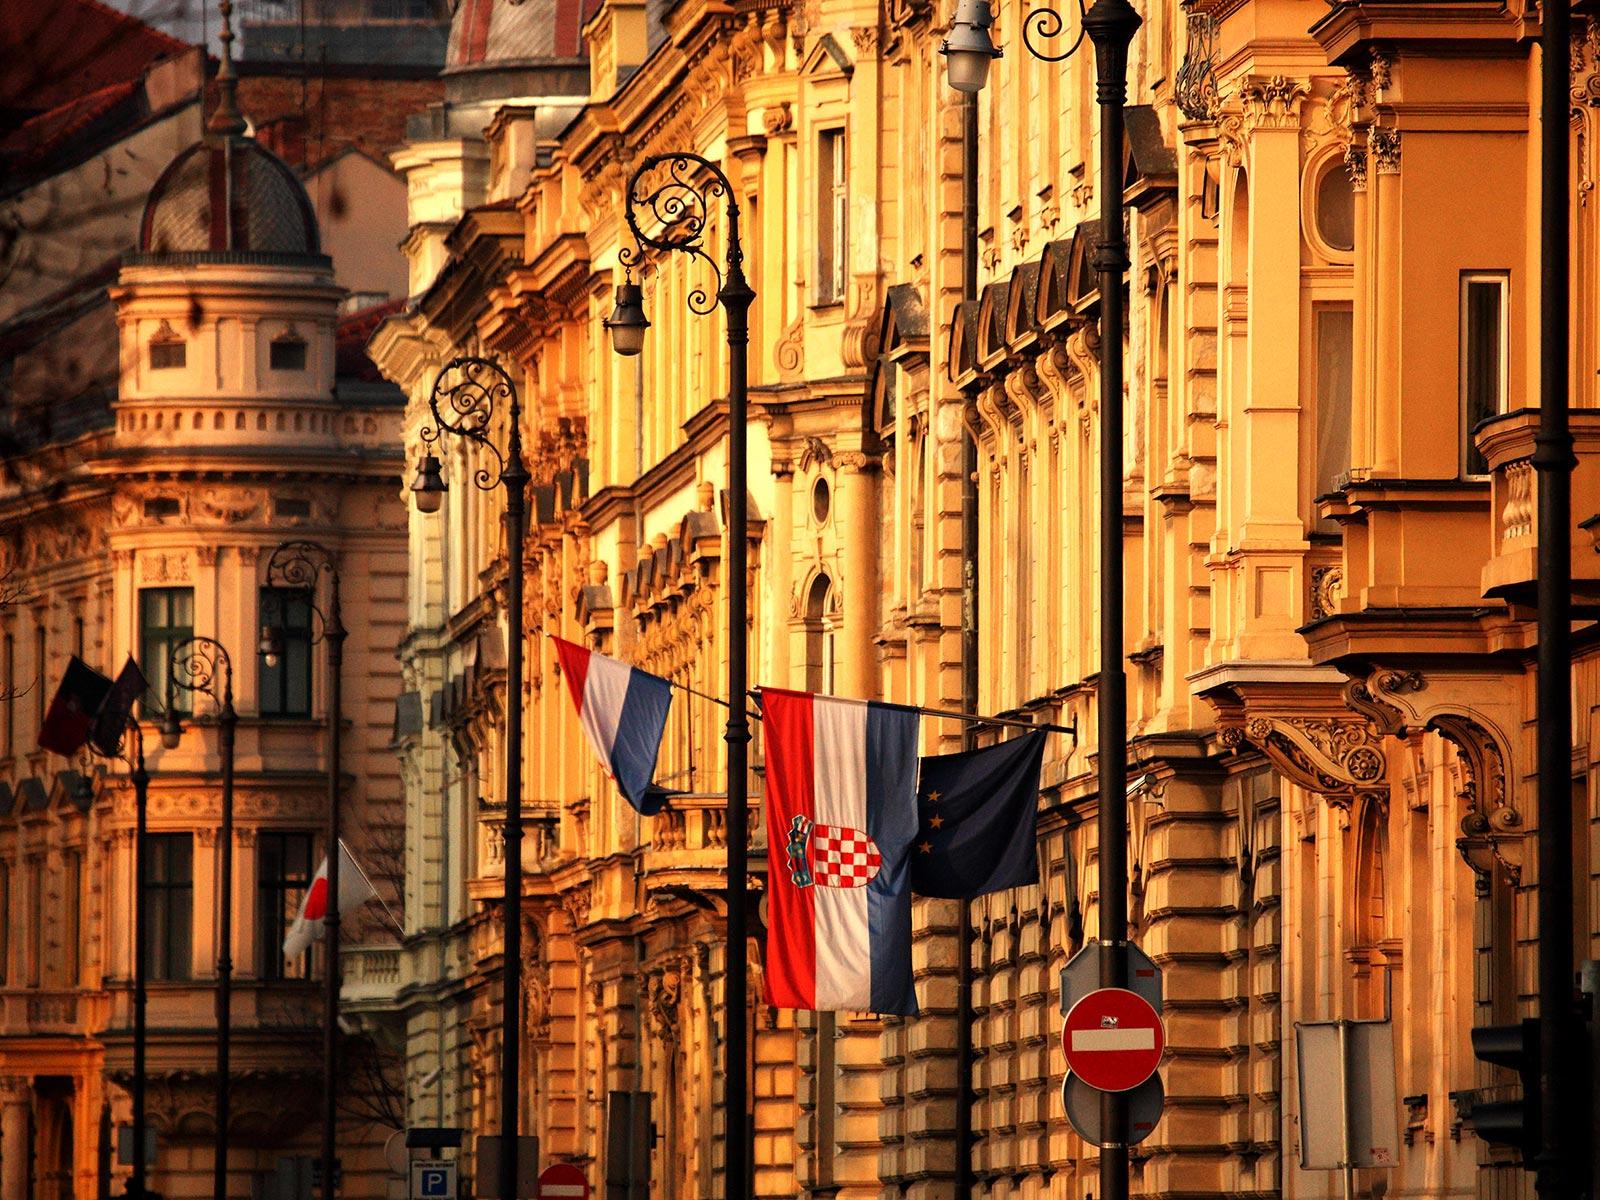 Musica Nota Grad Zagreb TZG Zagreba Marko Vrdoljak